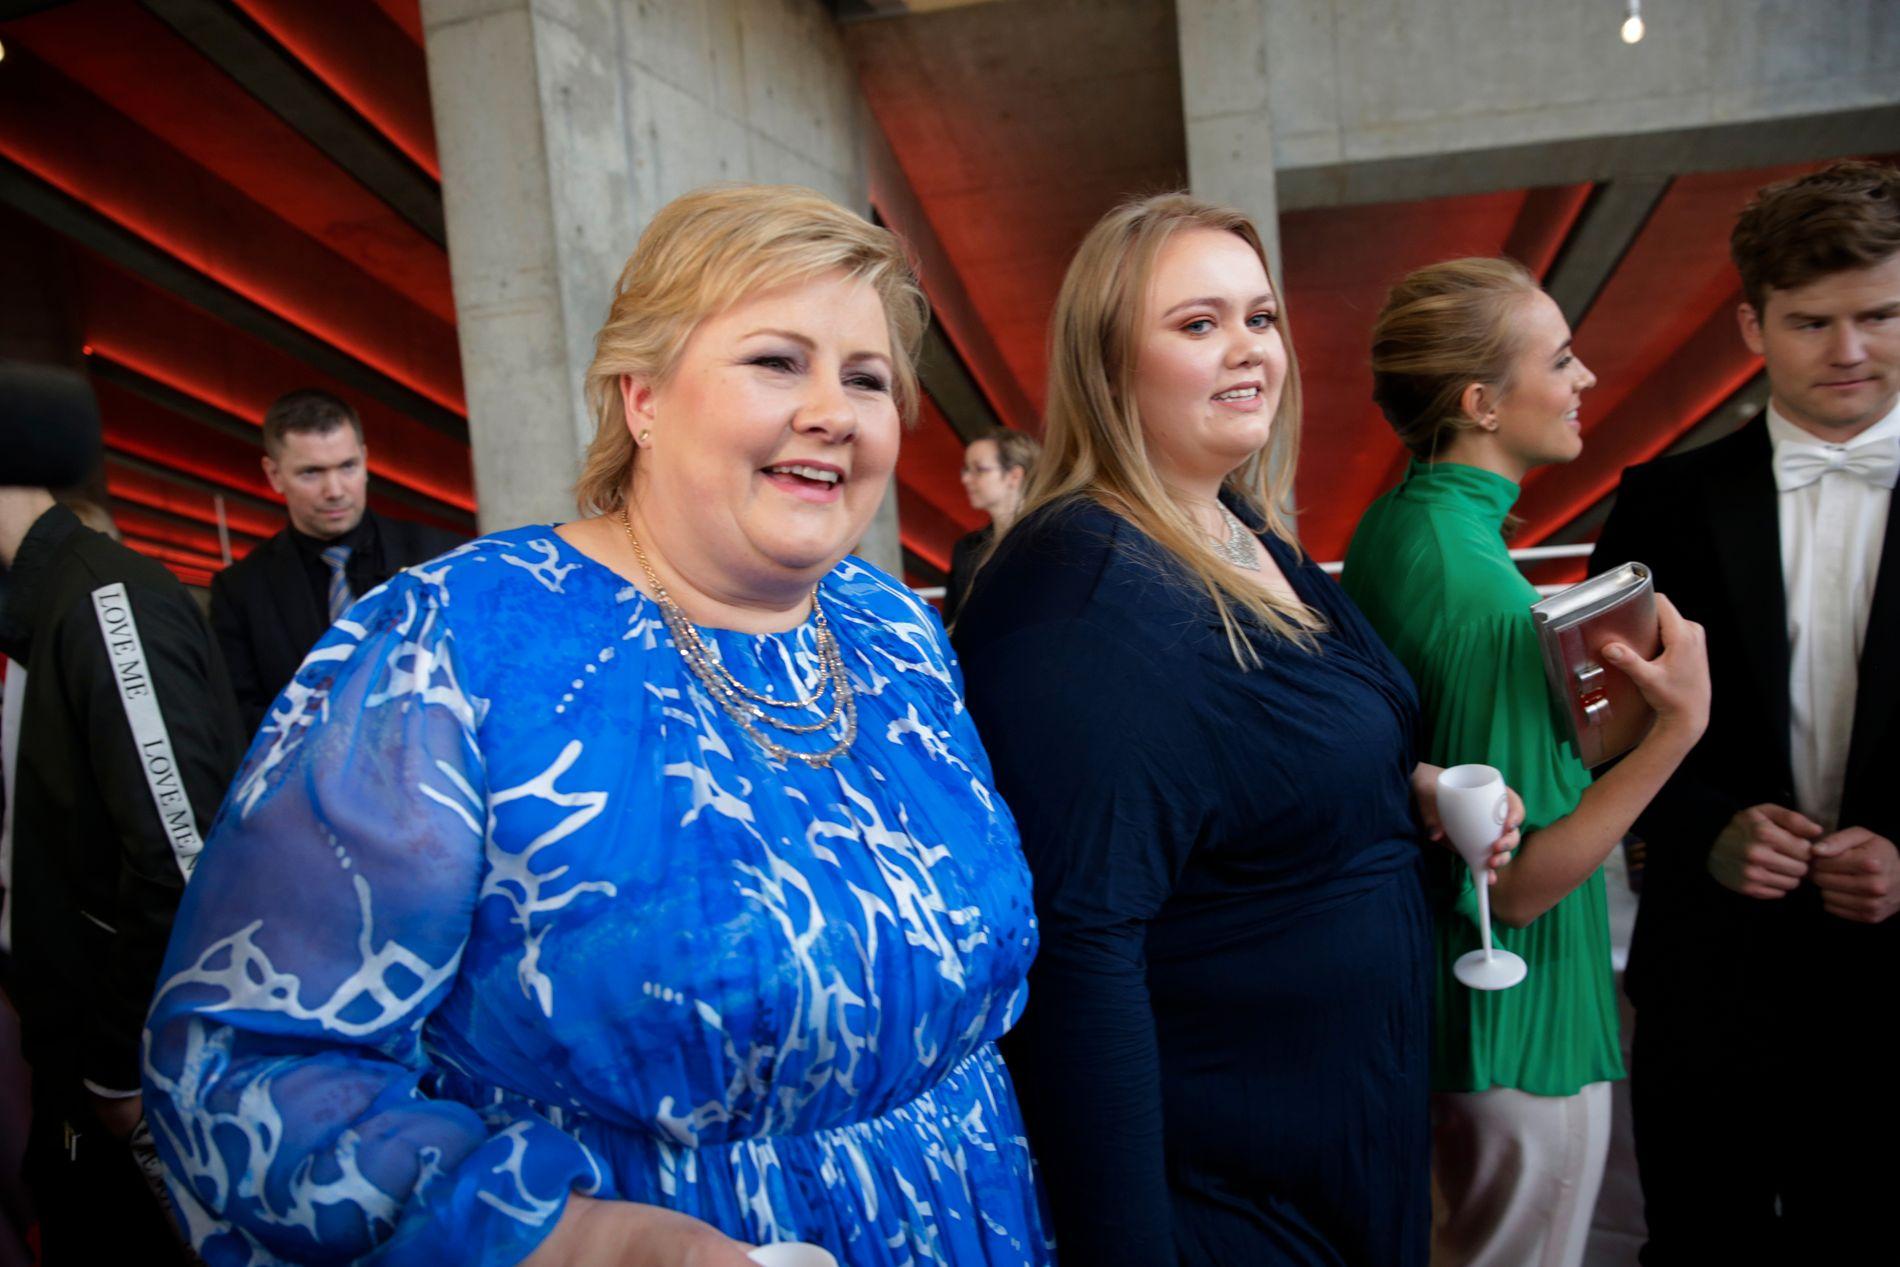 GJENGANGER: Statsminister Erna Solberg var også på Gullruten i fjor. Her sammen med datter Ingrid Solberg Finnes.